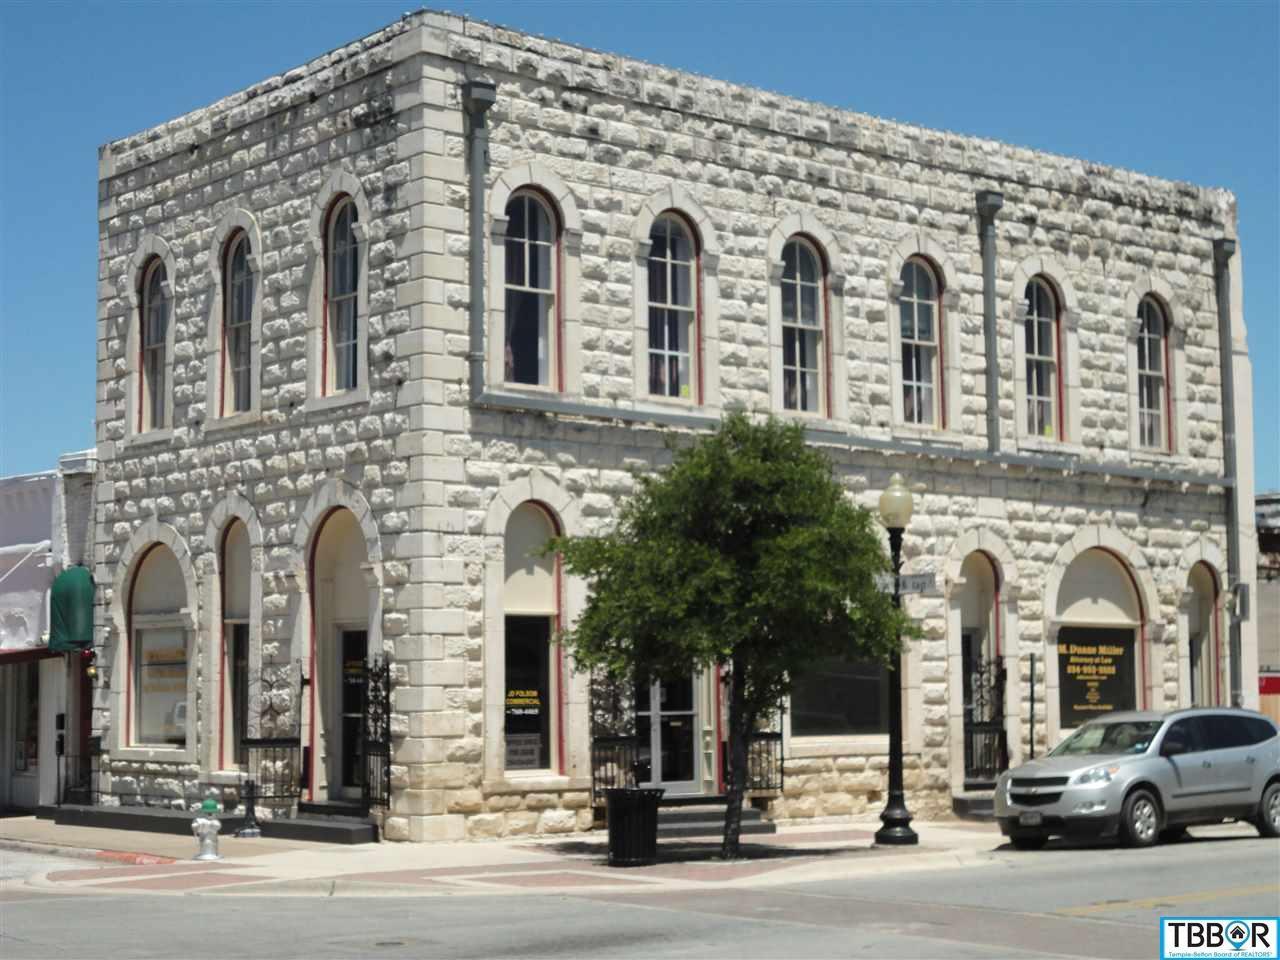 200 E Central, Belton TX 76513 - Photo 1